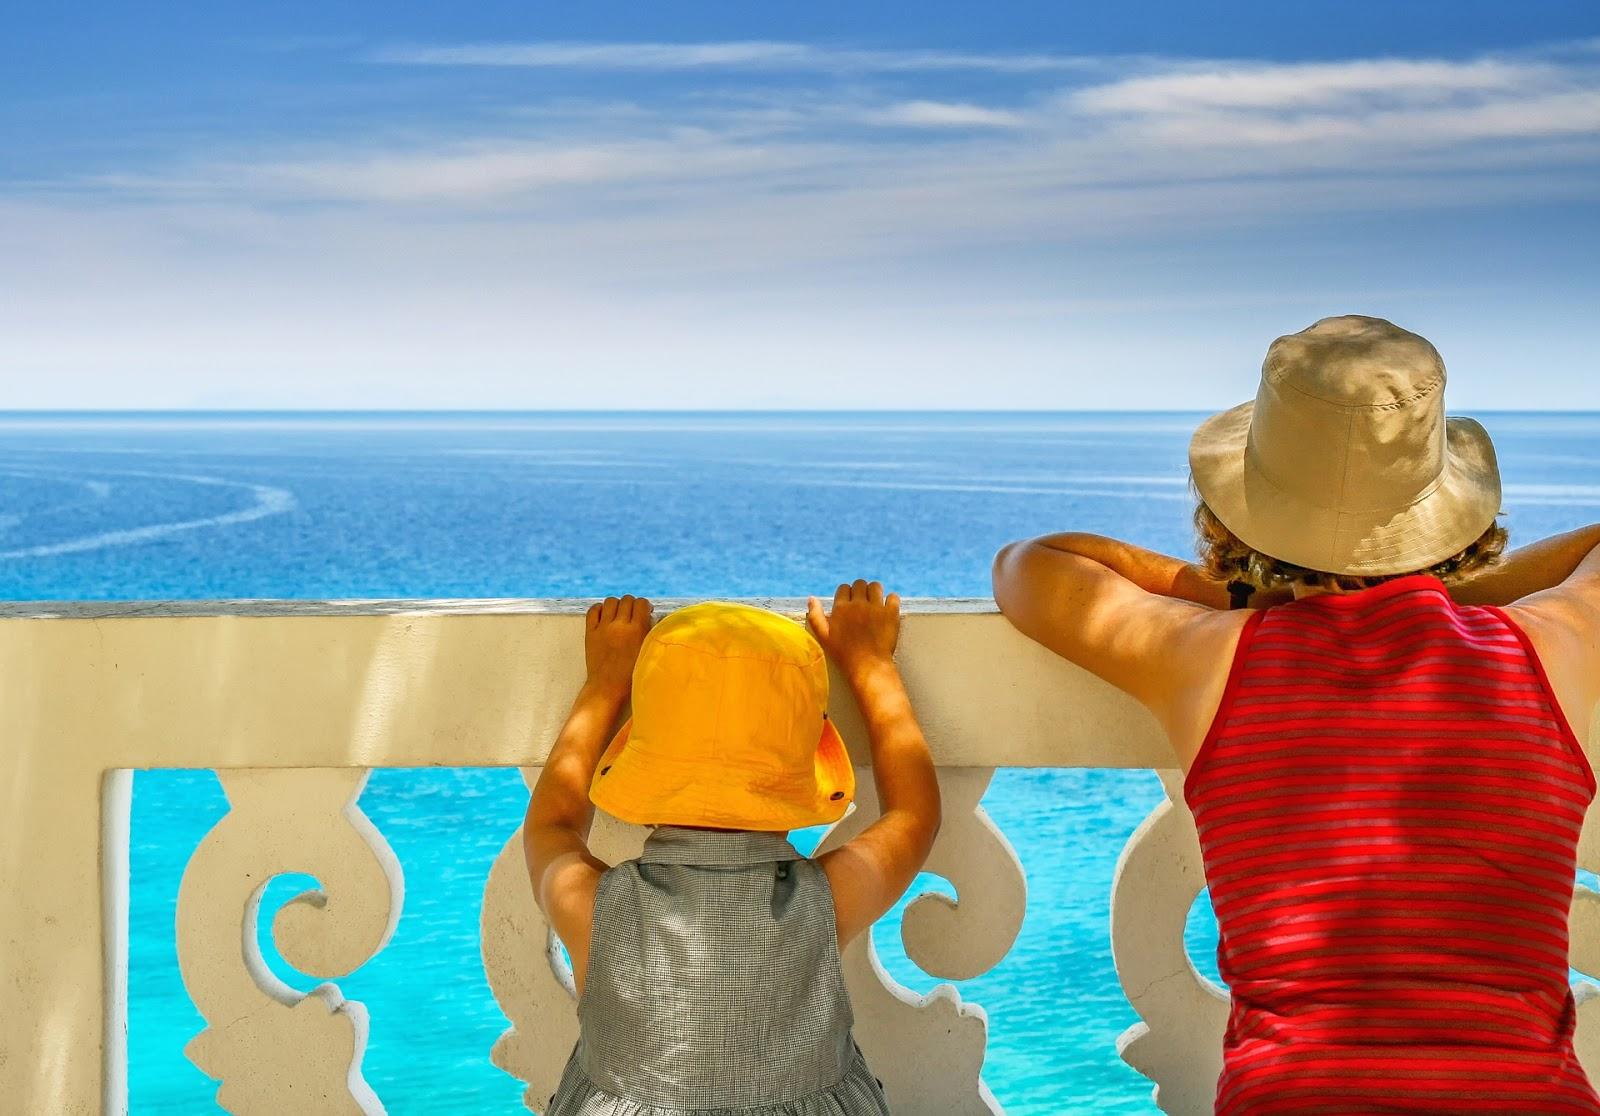 Wakacje z dziećmi za granicą - jaki hotel i jaki kraj wybrać? - .